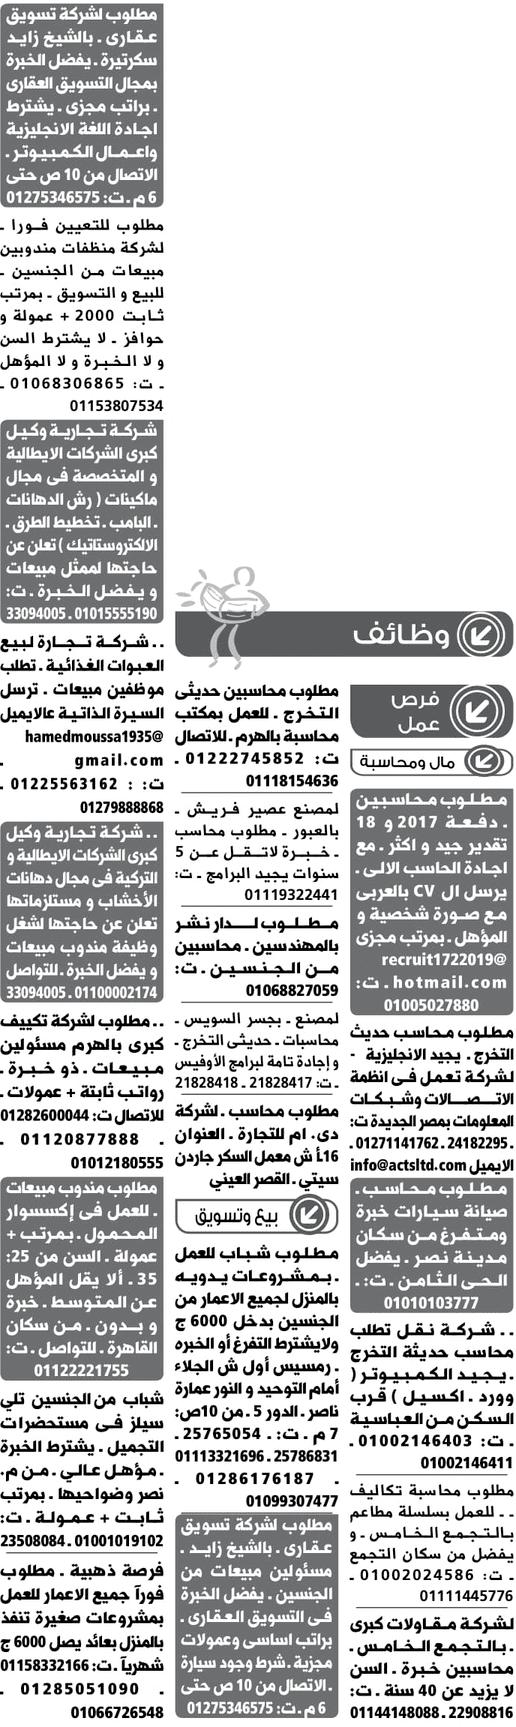 وظائف جريدة الوسيط 4/3/2019 العدد الاسبوعى - وظائف خالية